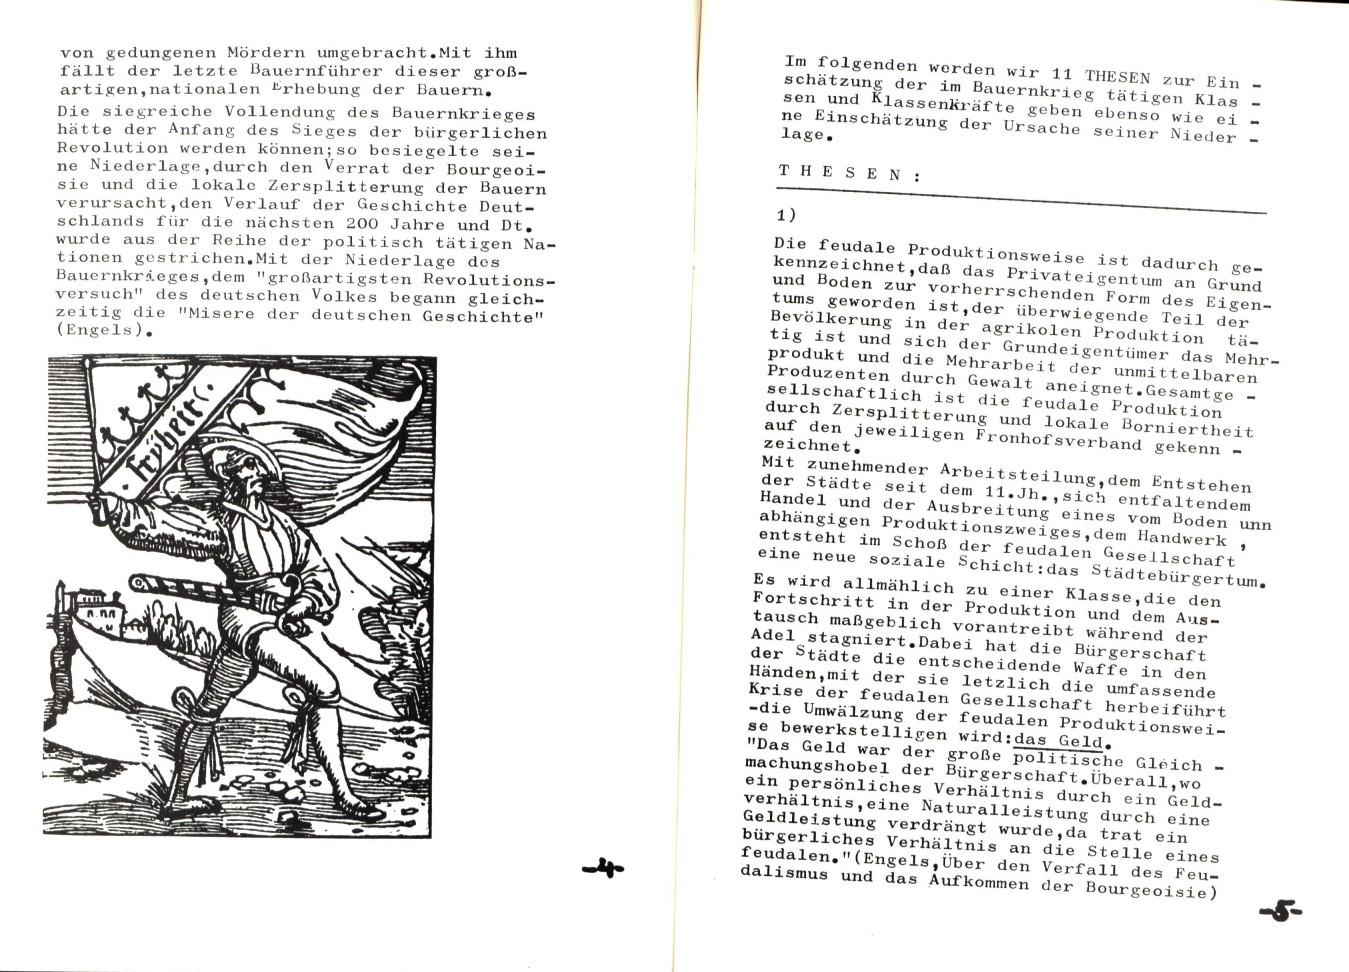 Berlin_KSV_1976_Wochenendseminare_Geschichte_01_04